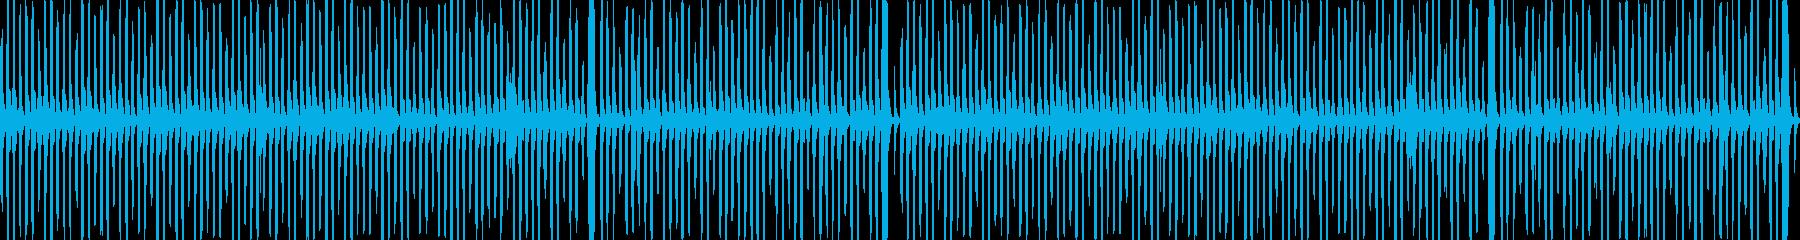 ファンシー・メルヘンなトイピアノ_ループの再生済みの波形